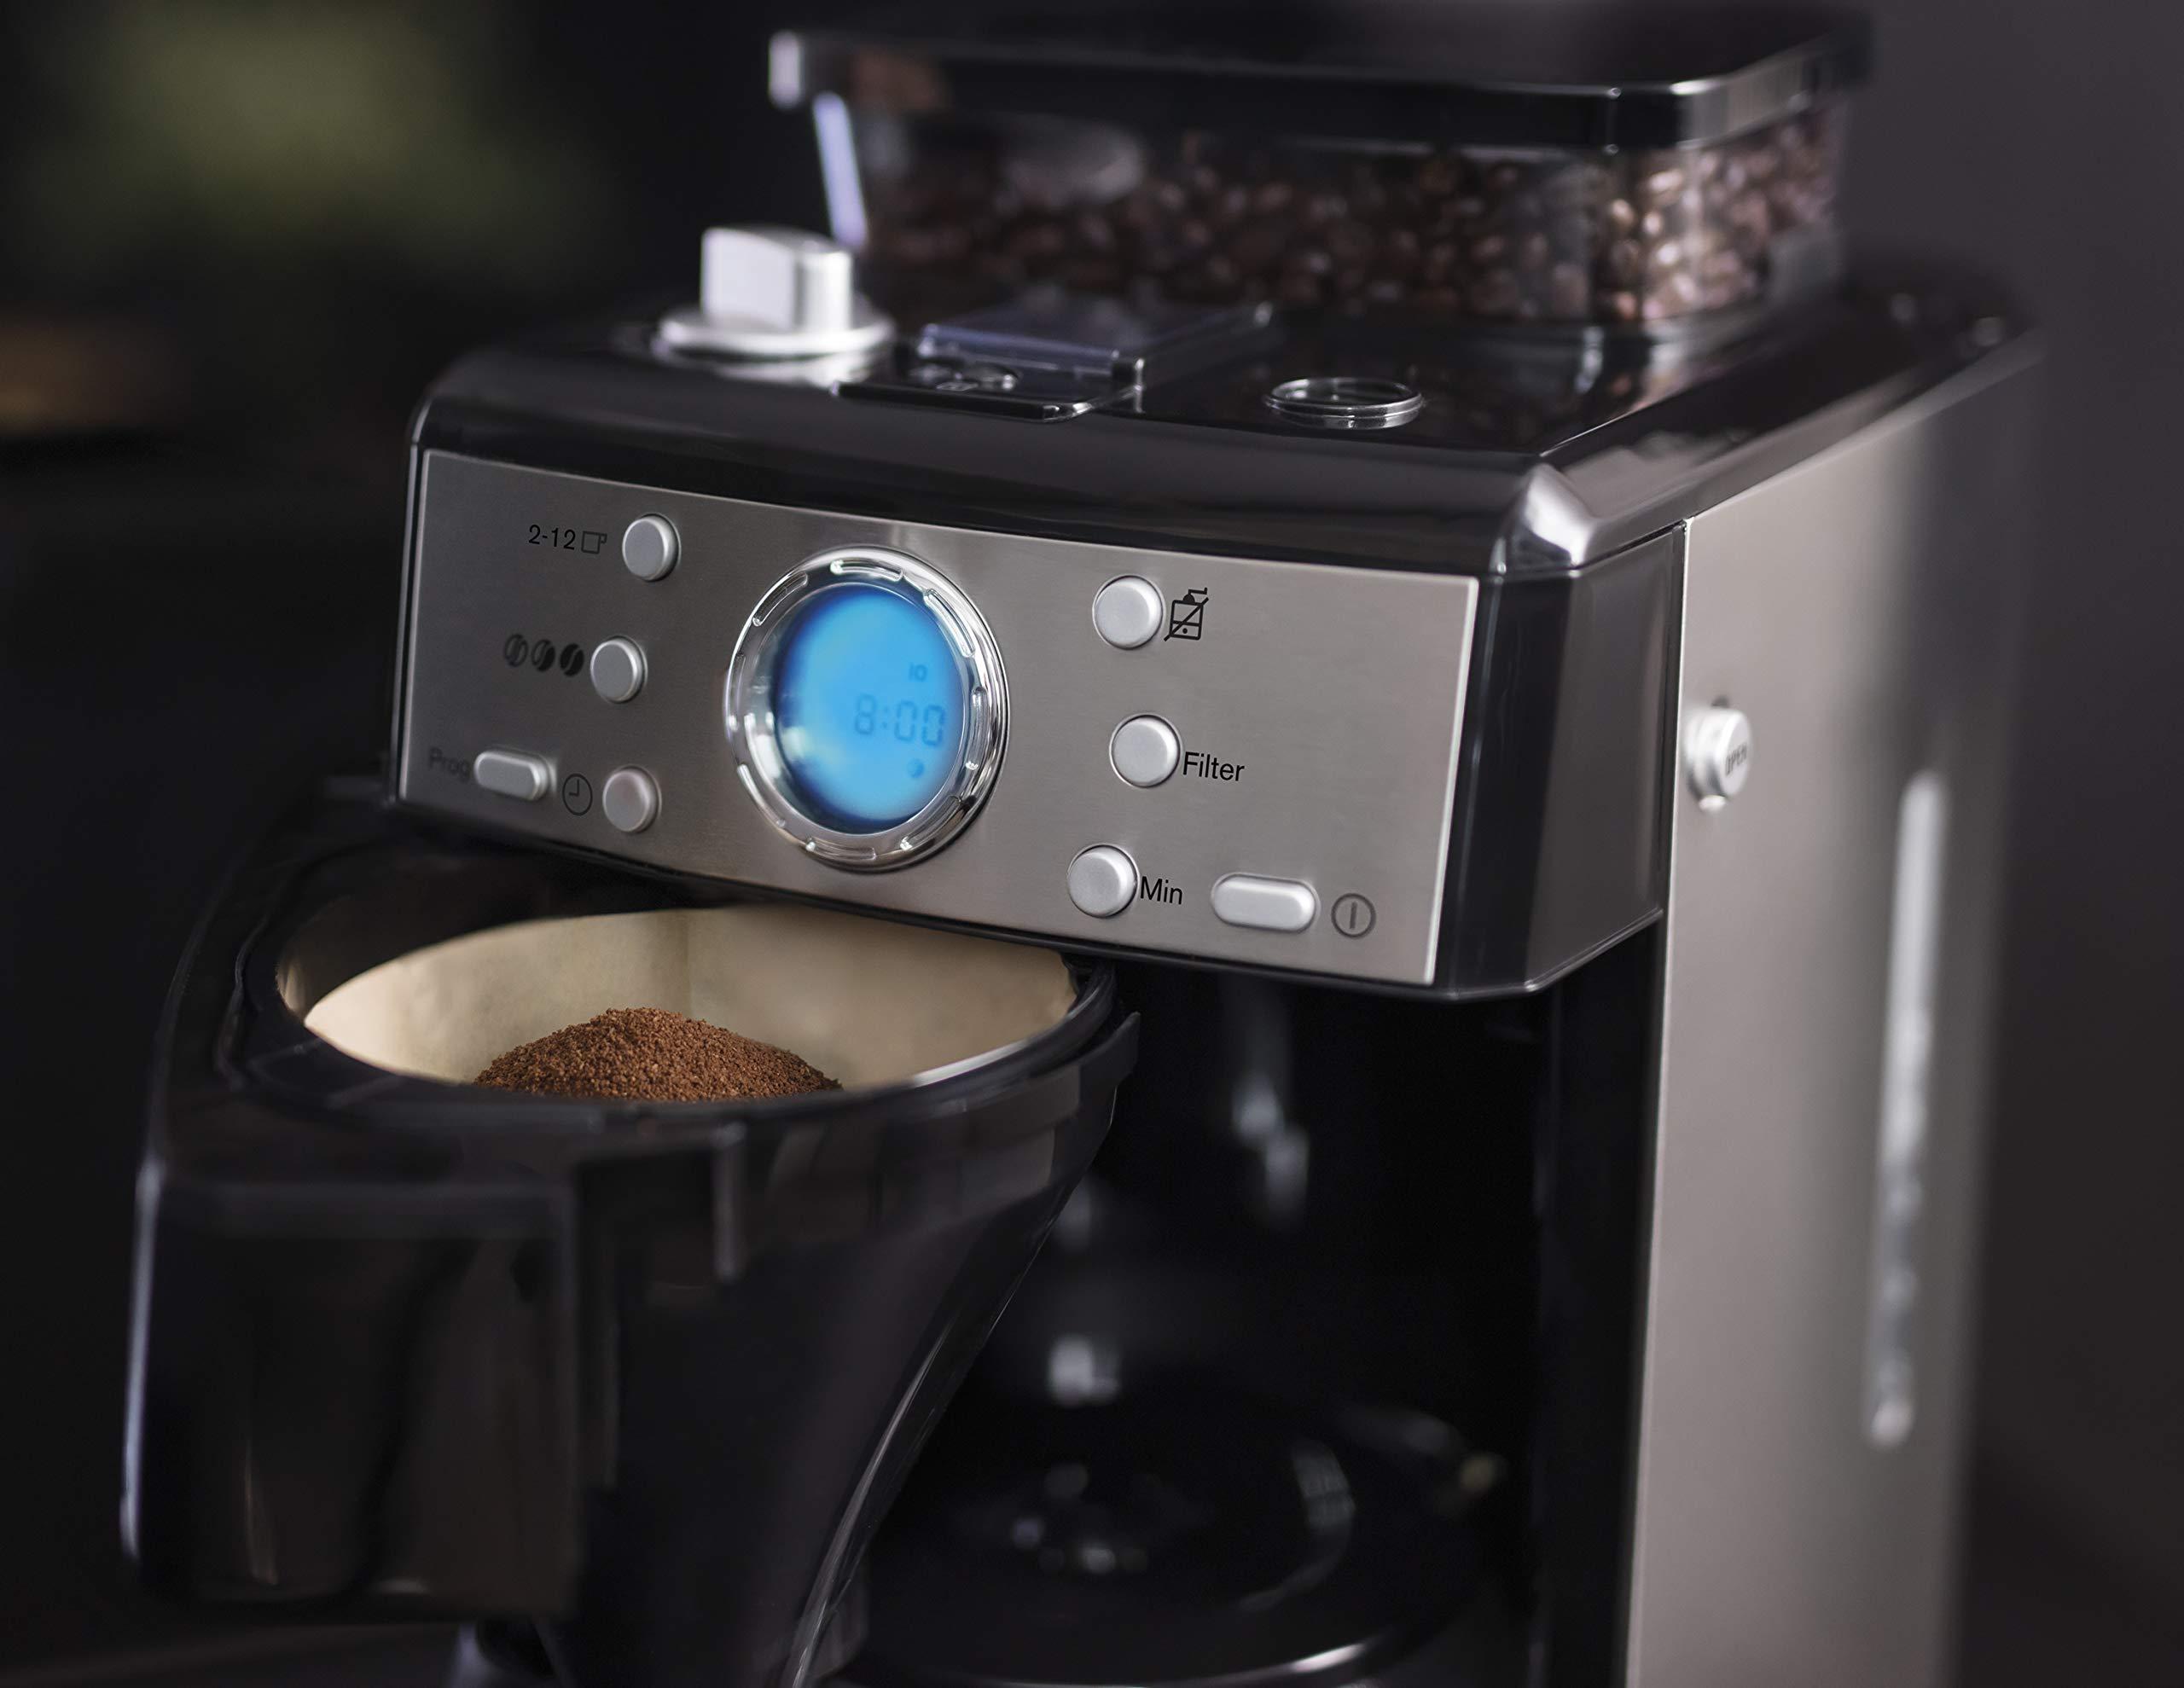 AEG-KAM-400-Kaffeemaschine-Kaffeeautomat-125-Liter-integrierte-Mahlwerk-9-Individuelle-Mahlgradeinstellungen-Edelstahl